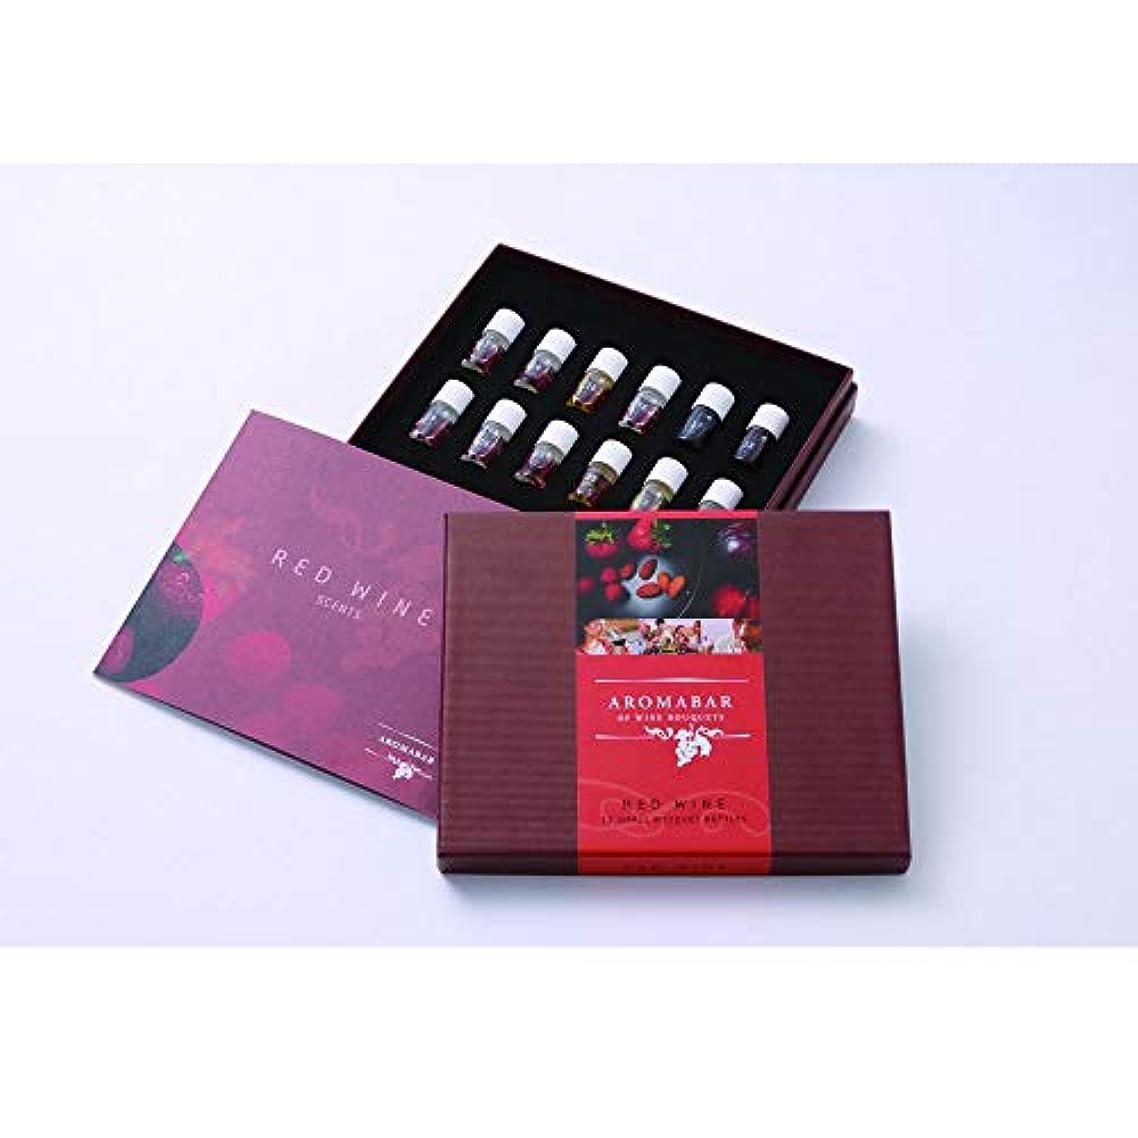 プレフィックス限定紳士送料無料 グローバル アロマバー12種入シリーズ レッドワイン ワイン テイスティング ソムリエ レッスン 香り